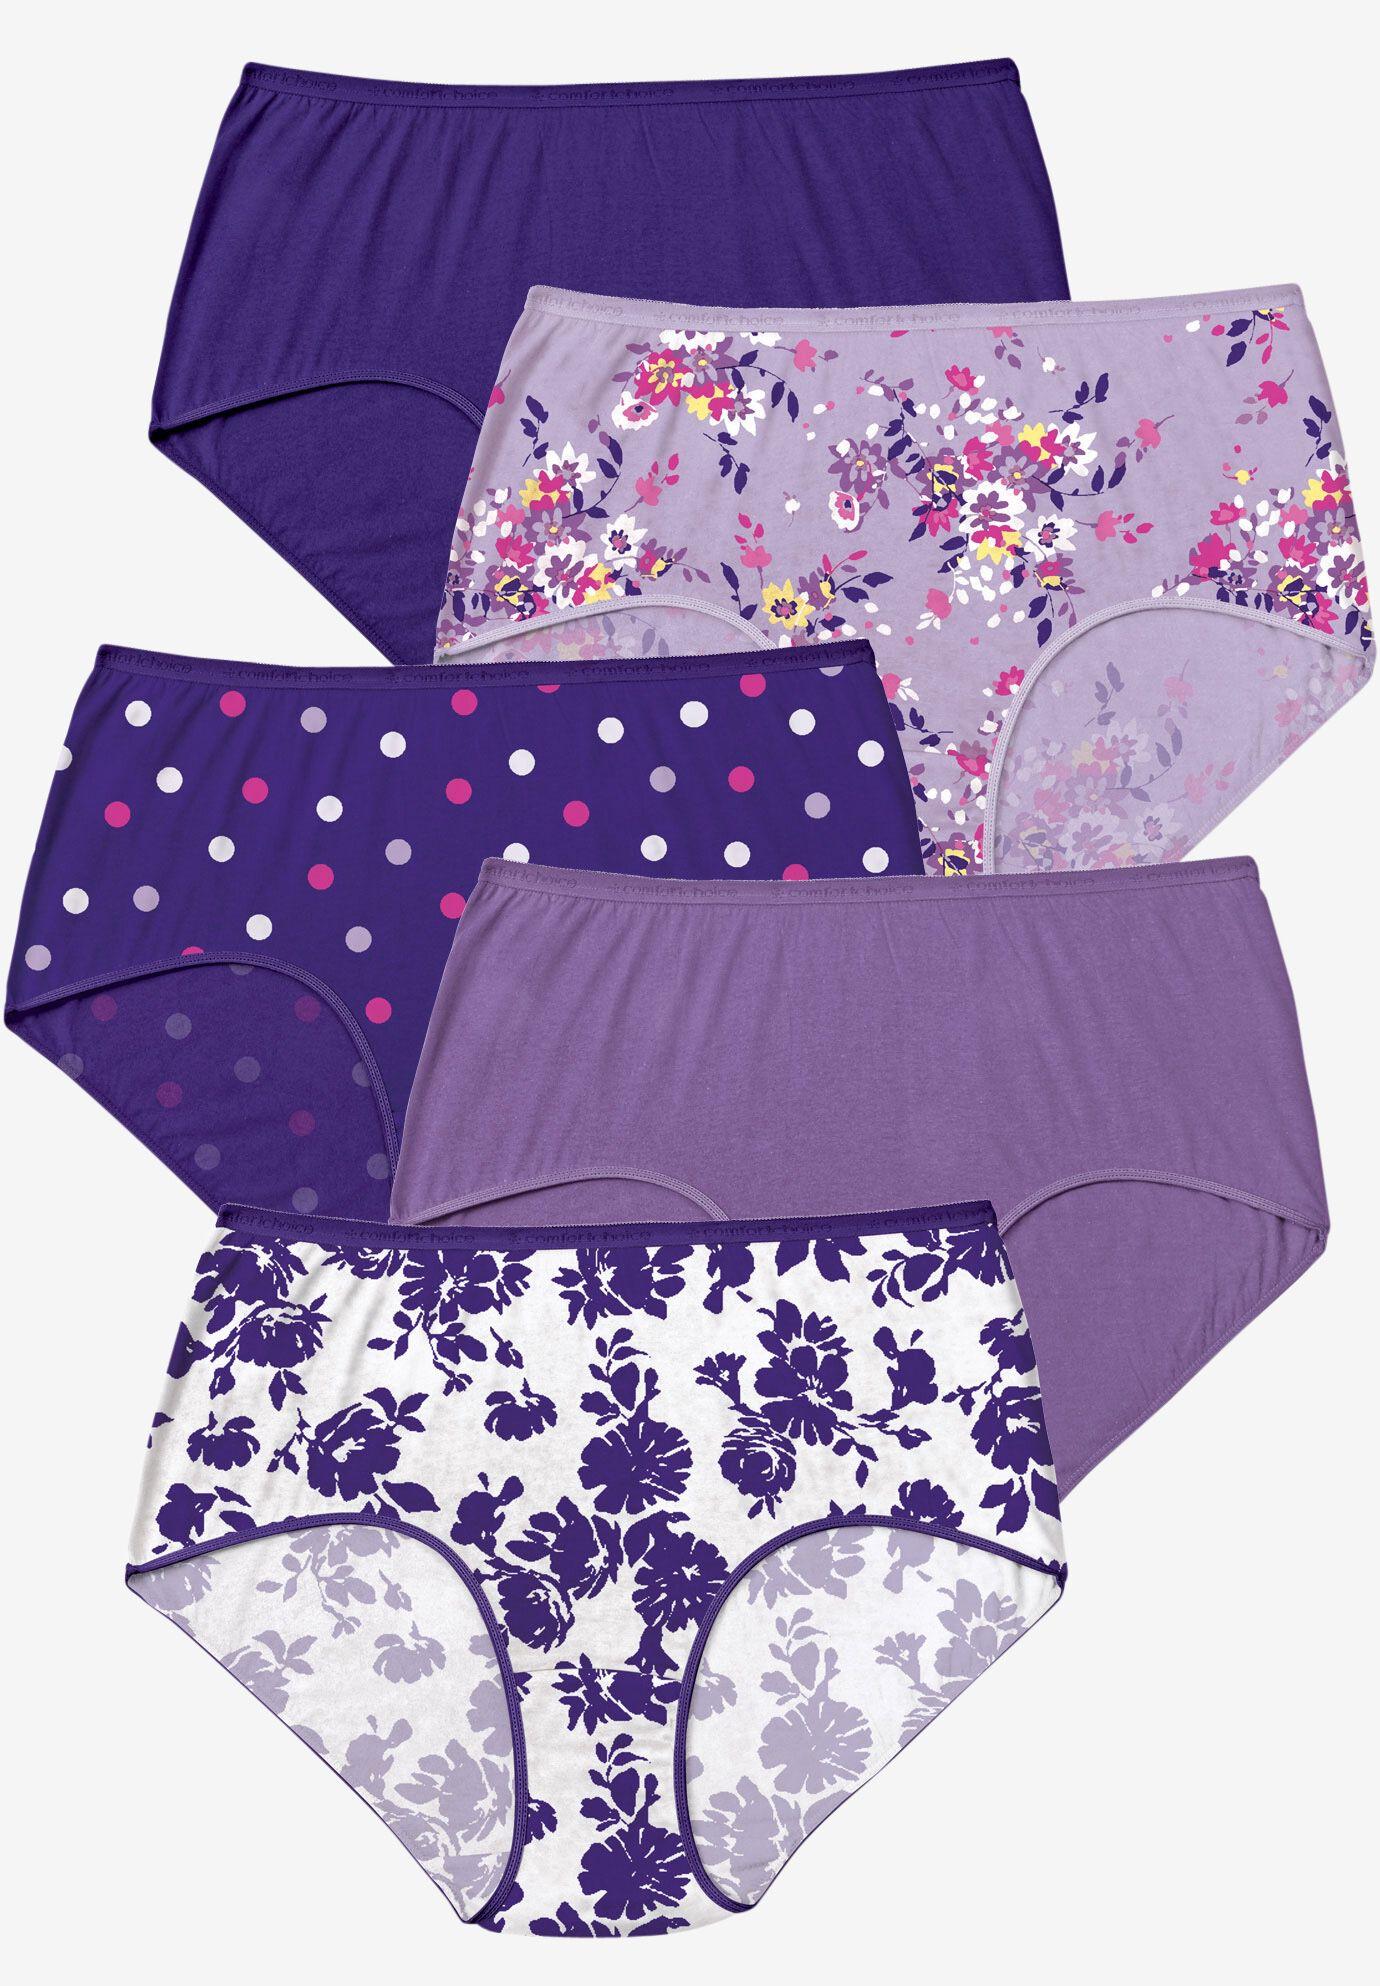 Women/'s Plus Size 2x,3x,4x,5x,6x Nylon 6,12 Pack Briefs,Panties White Colors